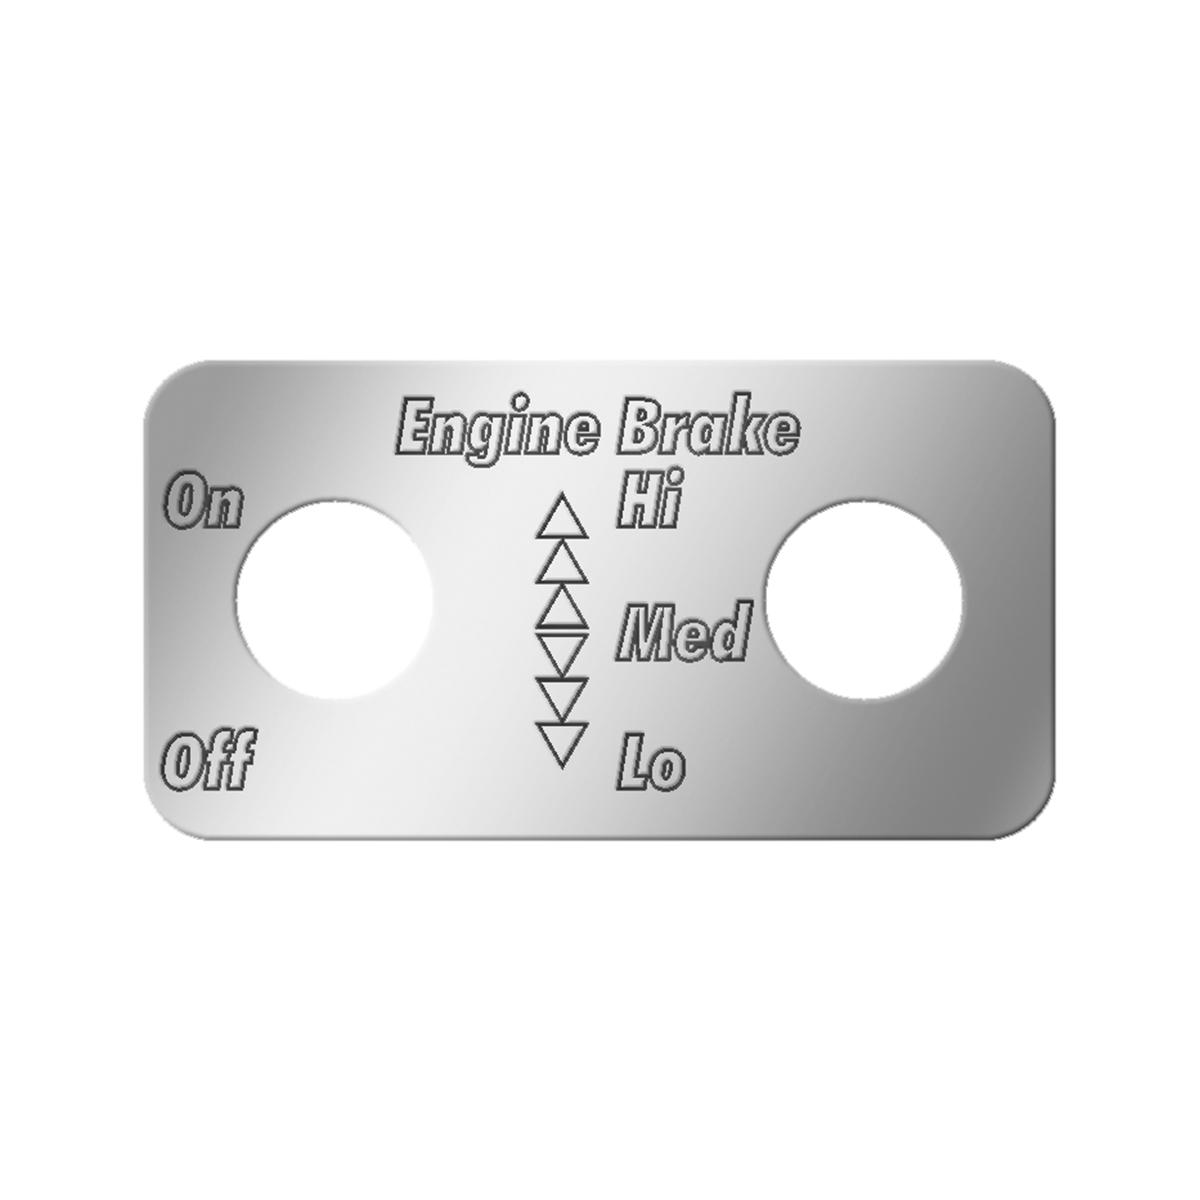 #68573 - Engine Brake - Hi, Med, Low